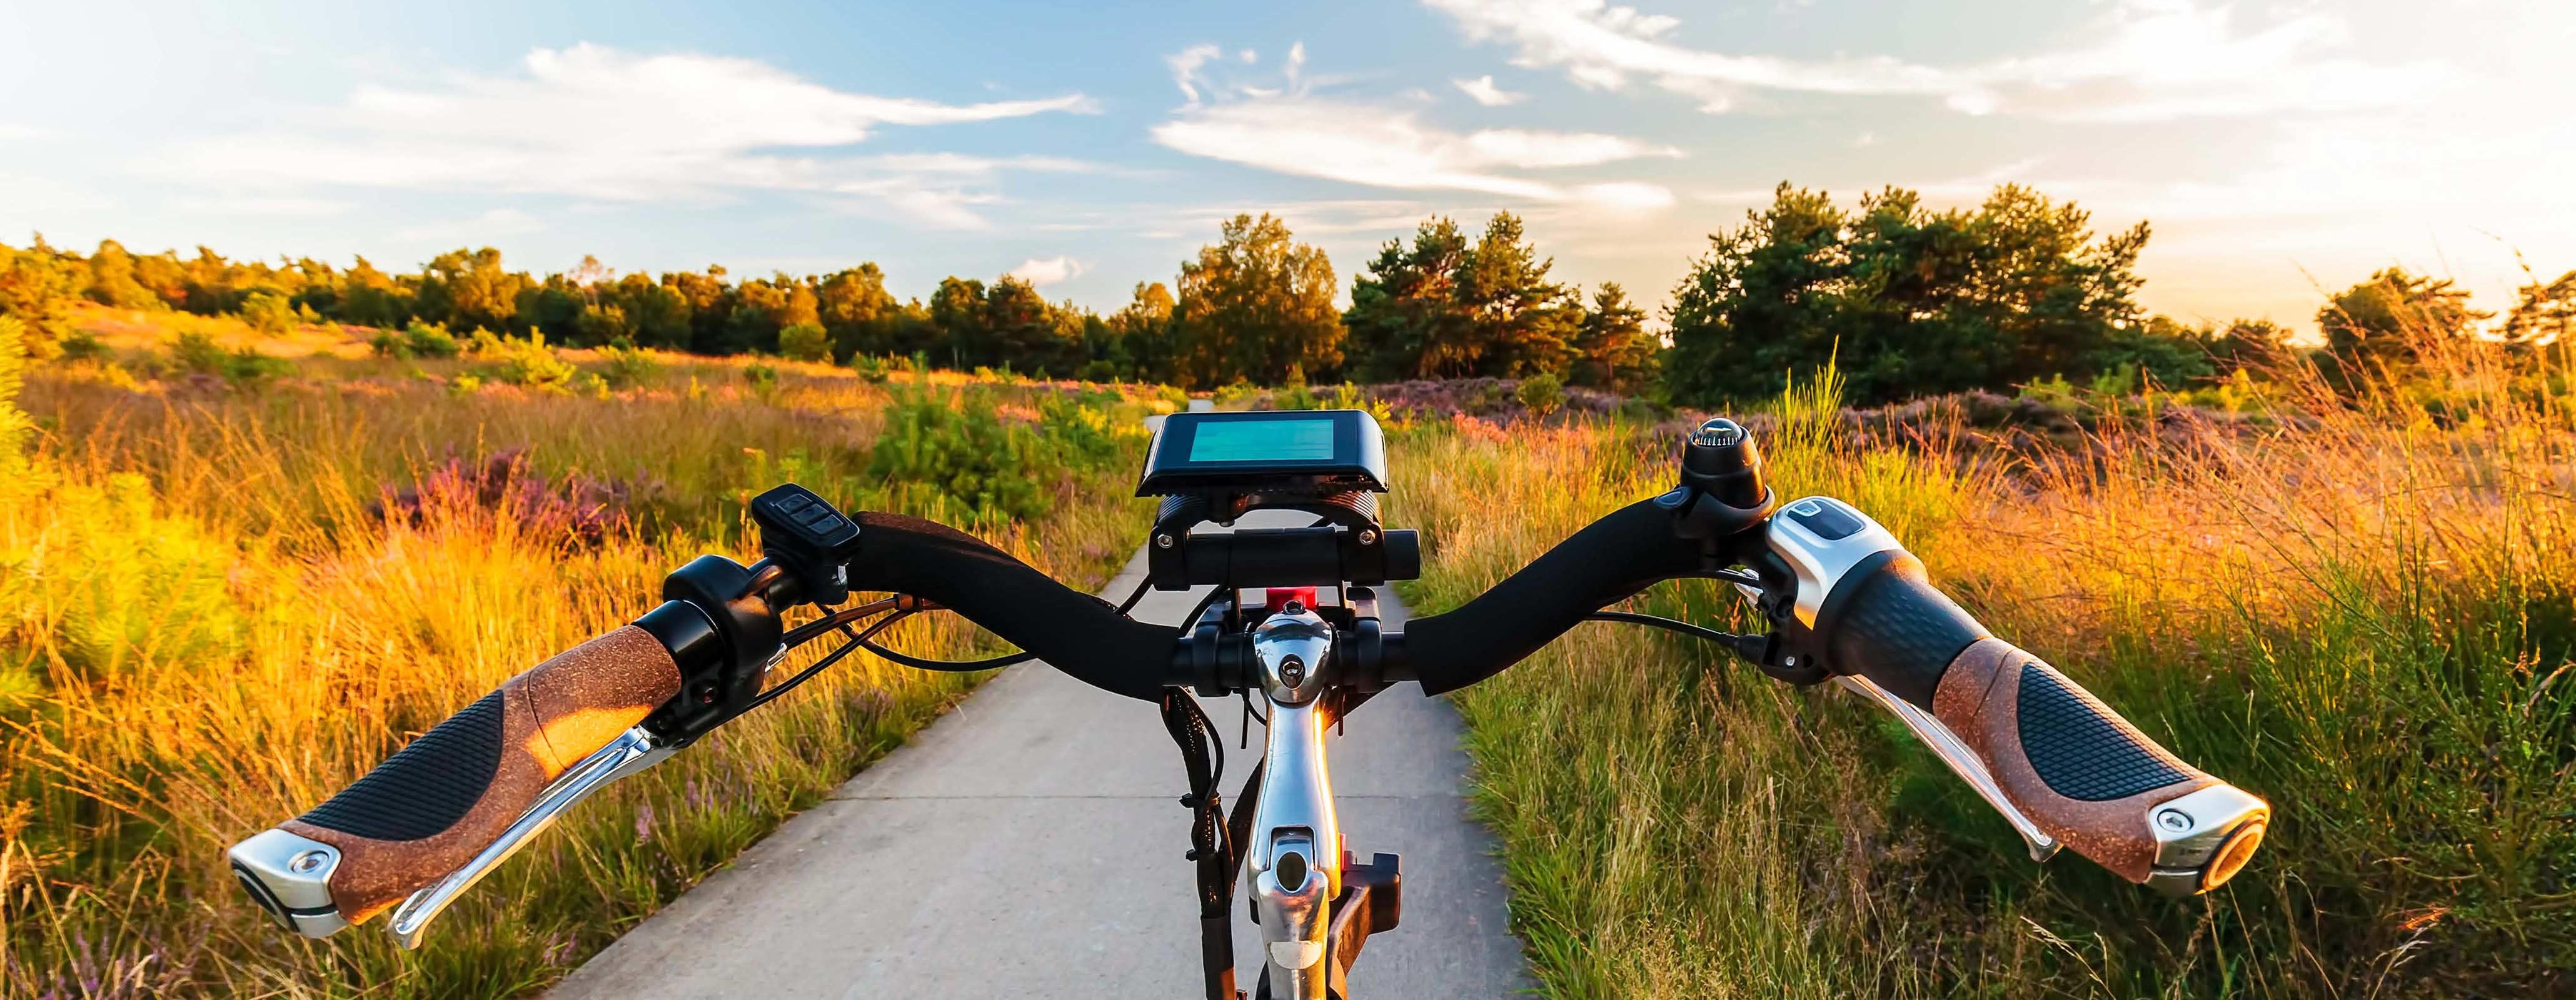 elektrische fiets in natuurgebied